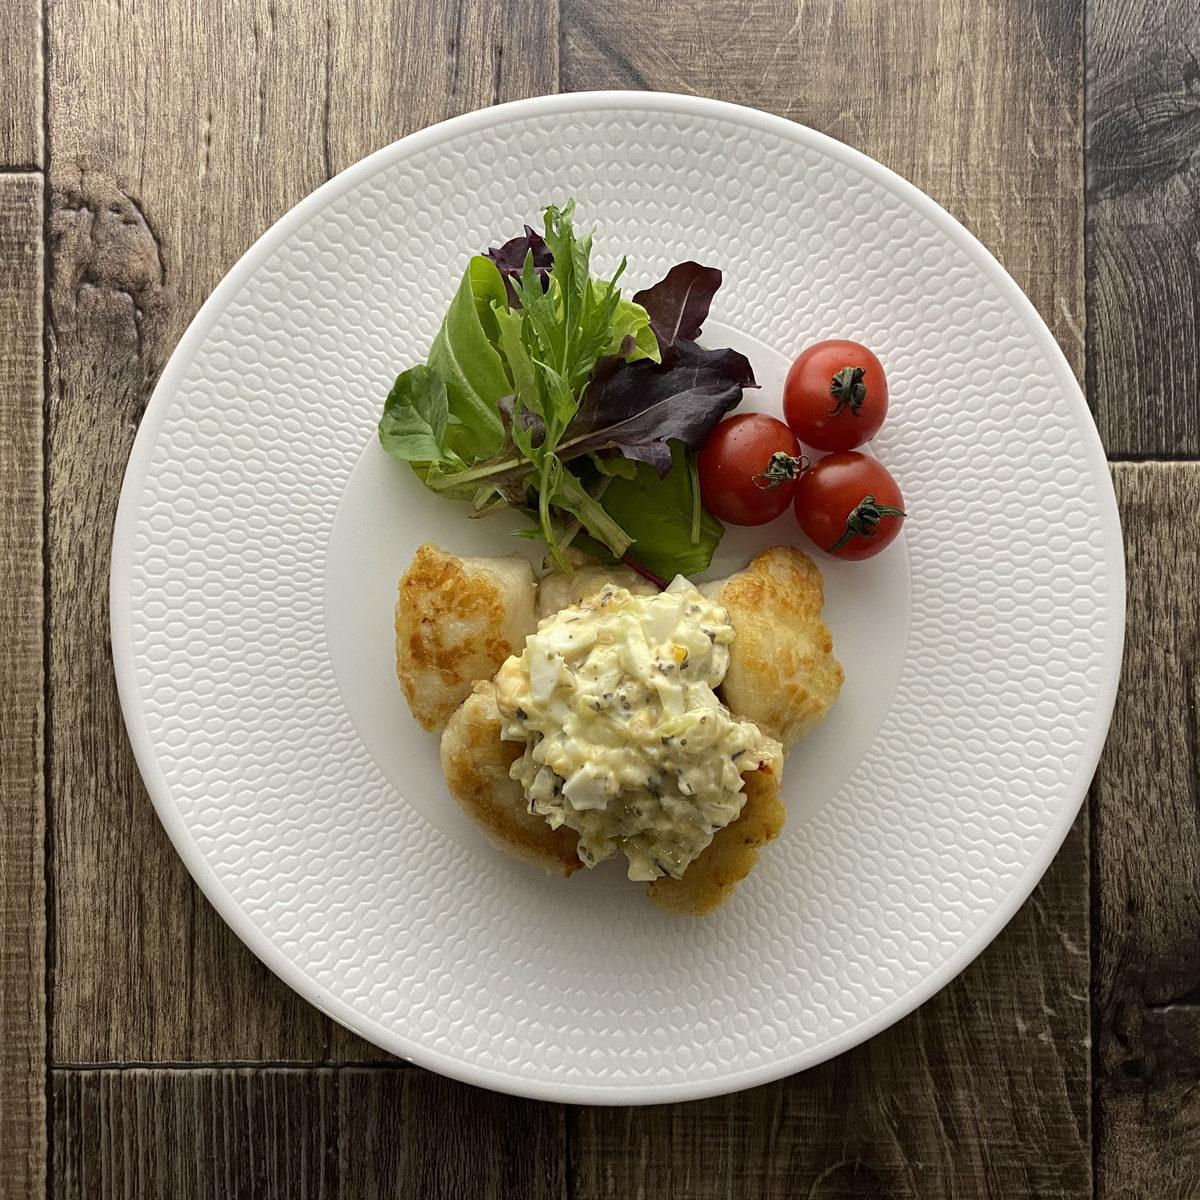 鶏むね肉の唐揚げ イタリアンタルタルソース